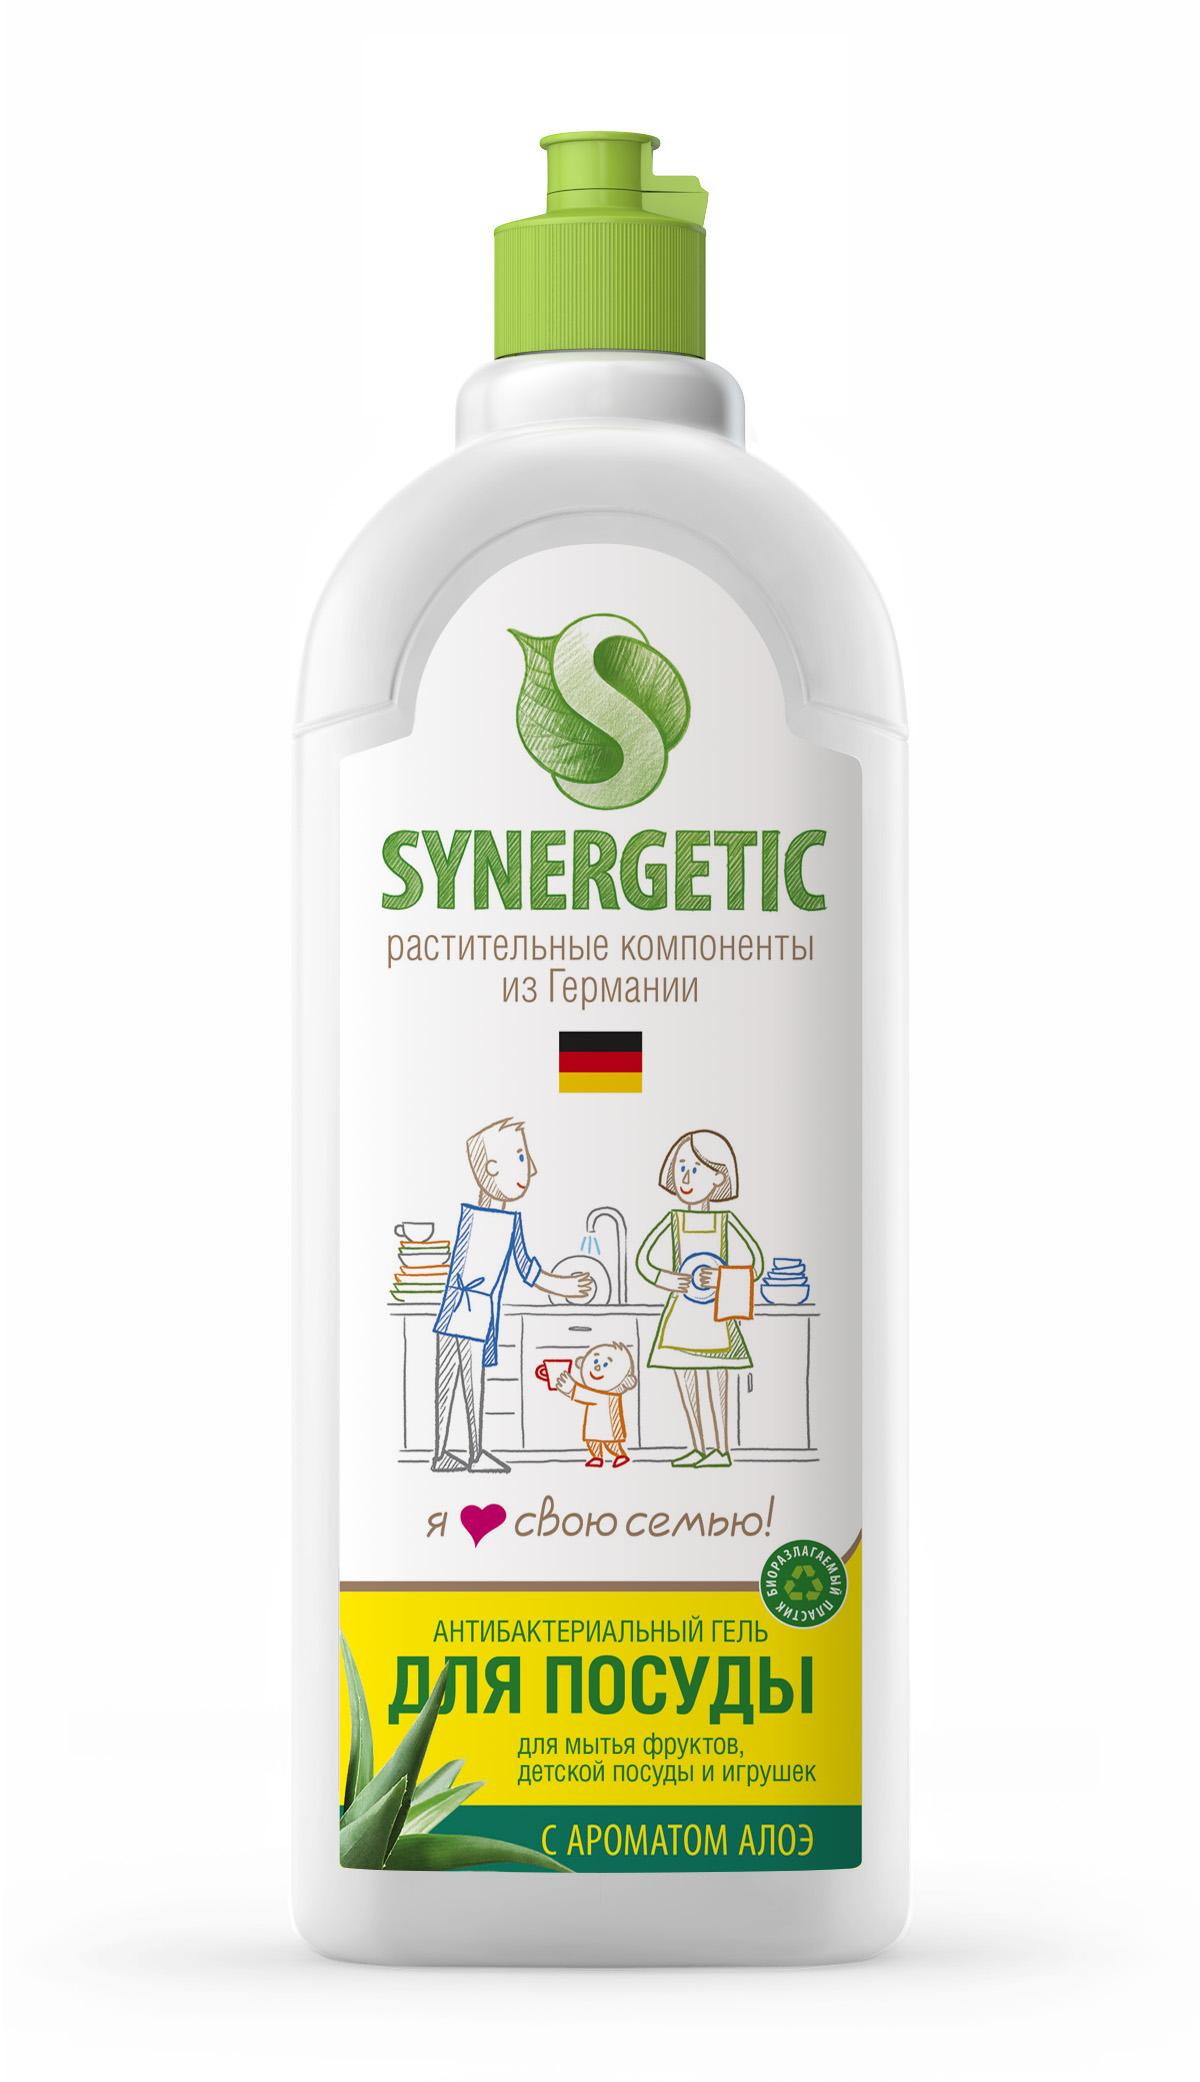 Средство для мытья посуды Synergetic, концентрированное, алоэ, 1 лSNG-103103Концентрированное средство Synergetic предназначено для мытья всех видов посуд. Обладает 100% смываемостью, подходит для мытья фруктов, детской посуды и игрушек. Удаляет жир в ледяной воде.Товар сертифицирован.